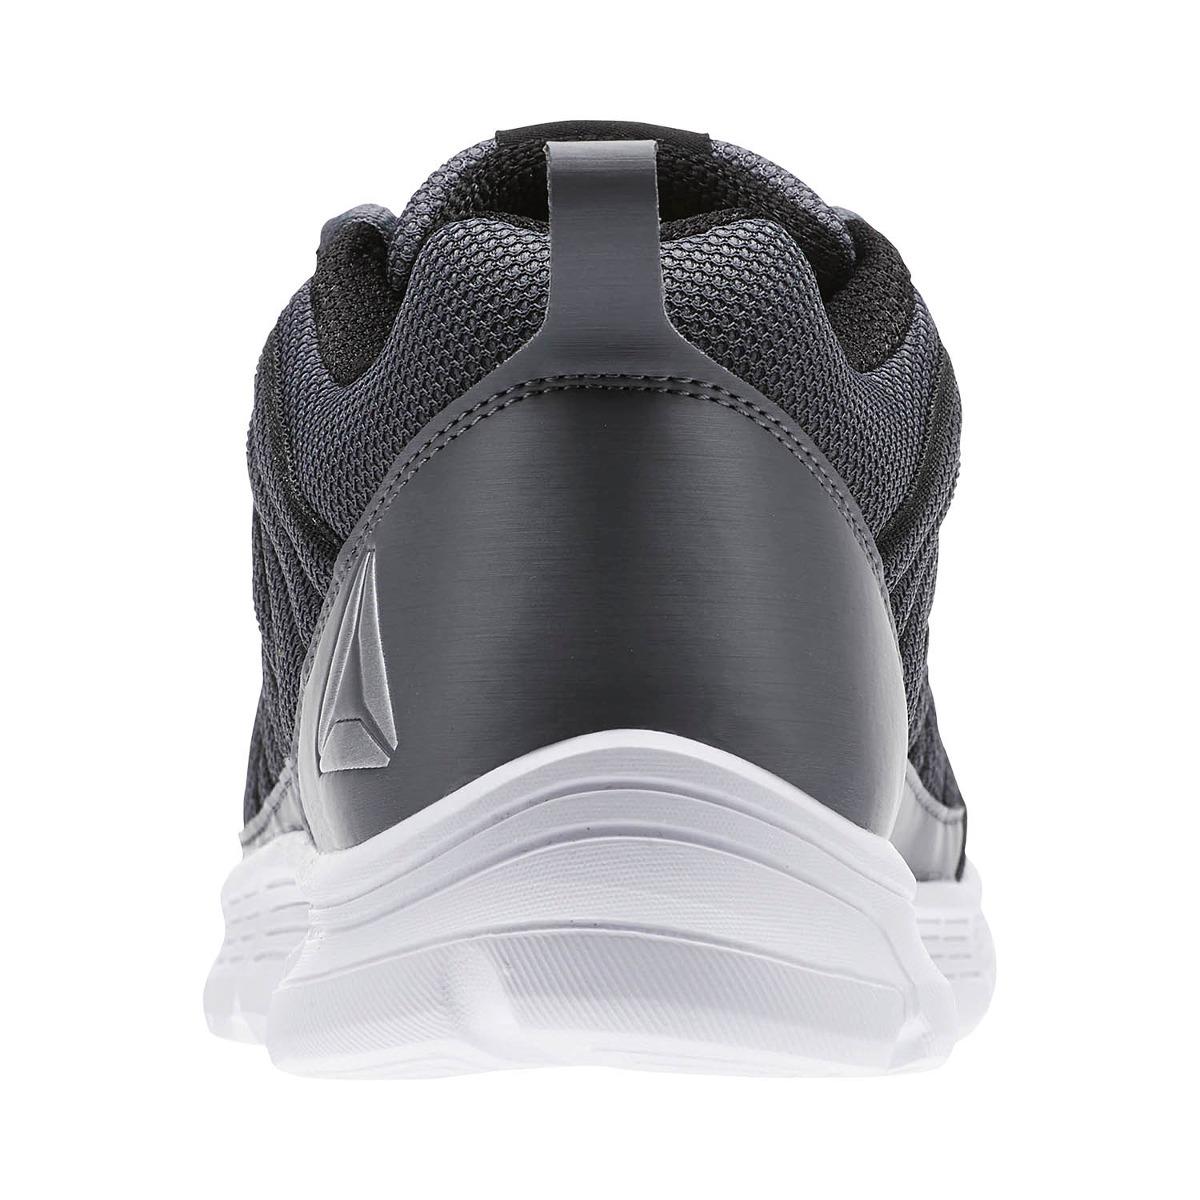 Zapatillas Reebok Speedlux 2.0 bs8461 Open Sports